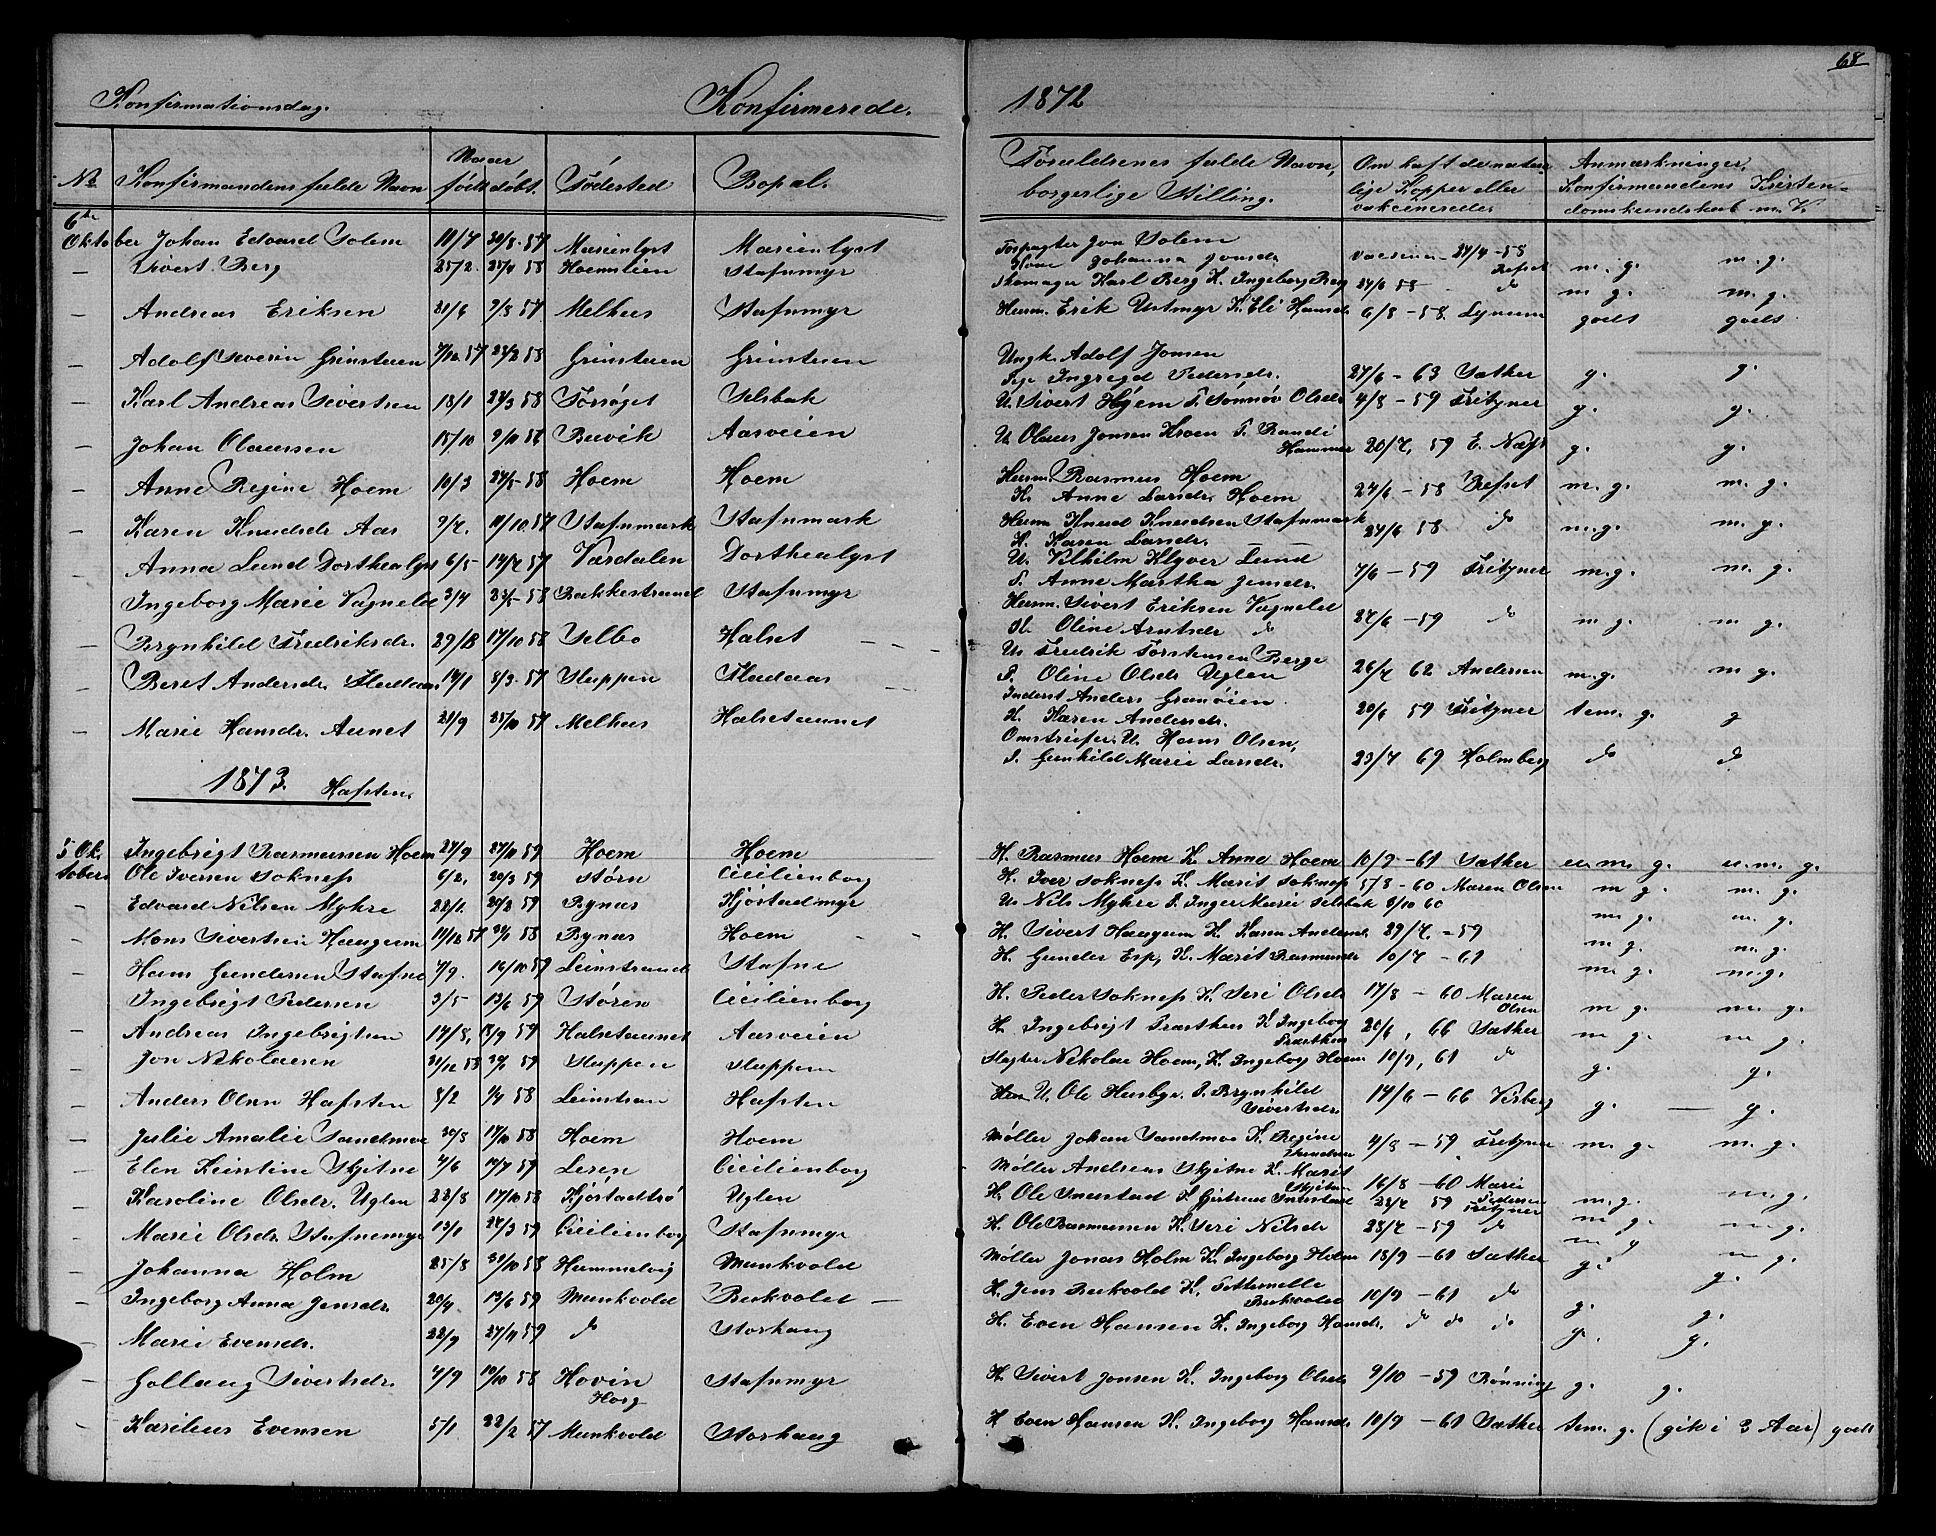 SAT, Ministerialprotokoller, klokkerbøker og fødselsregistre - Sør-Trøndelag, 611/L0353: Klokkerbok nr. 611C01, 1854-1881, s. 68